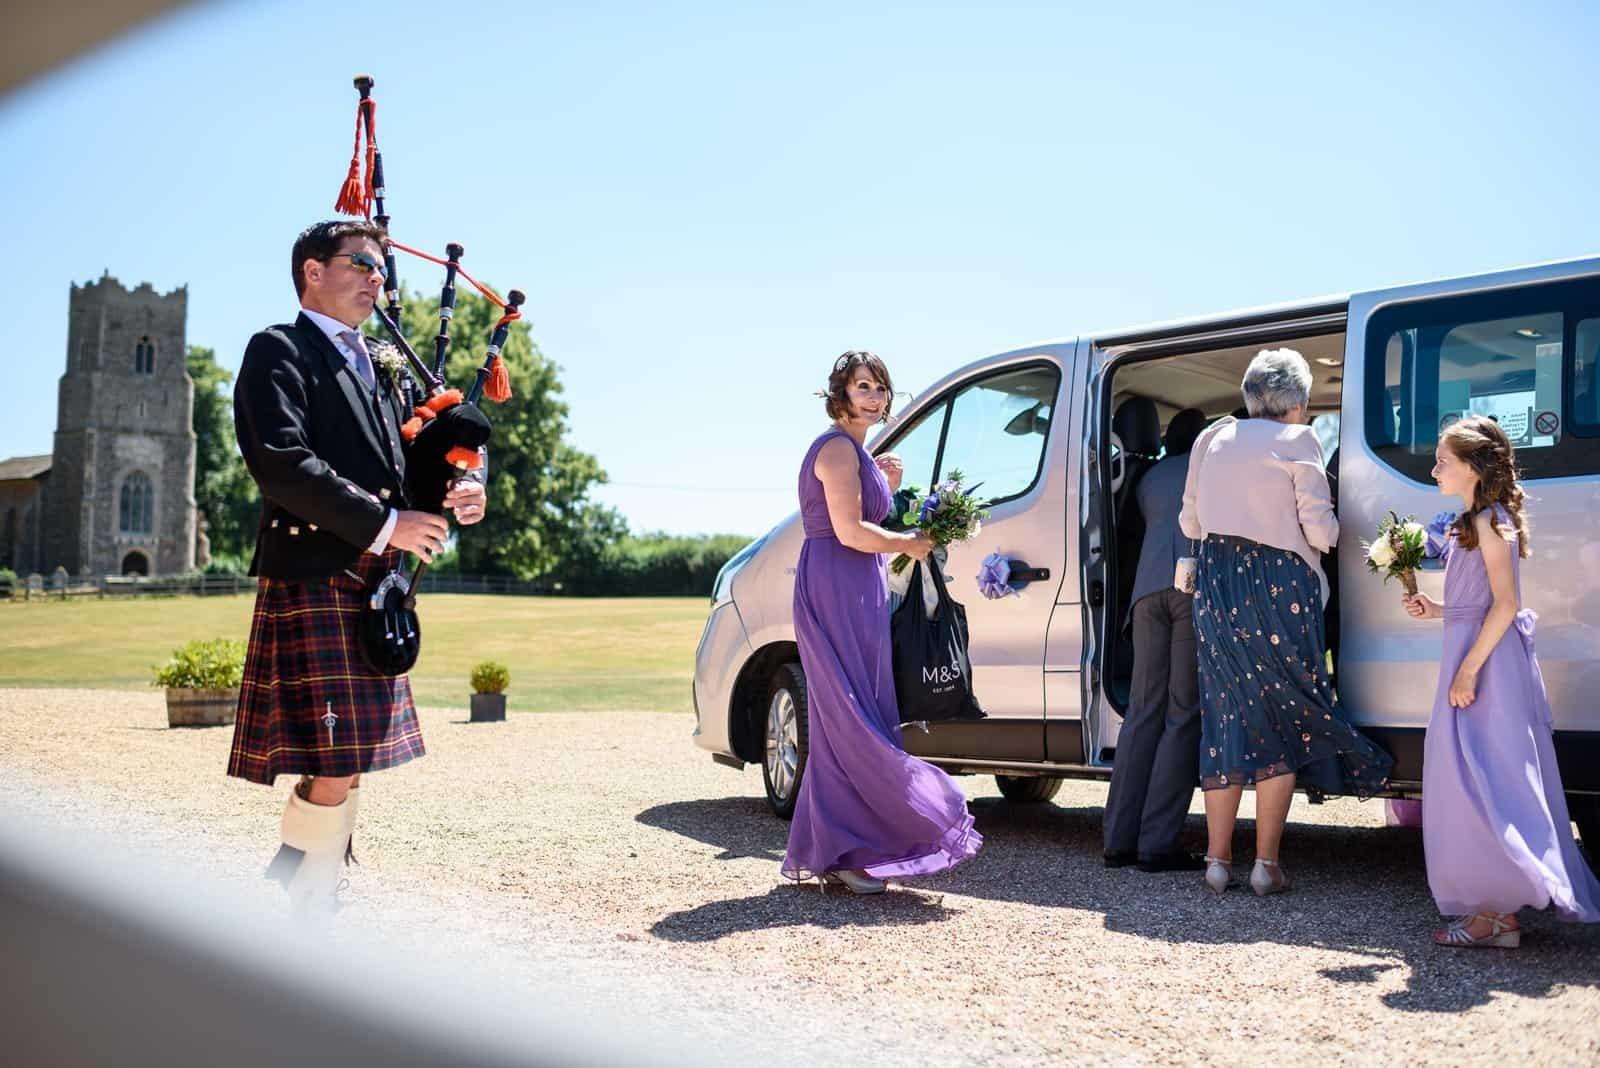 copdock-hall-wedding-sammy-suzanne-2